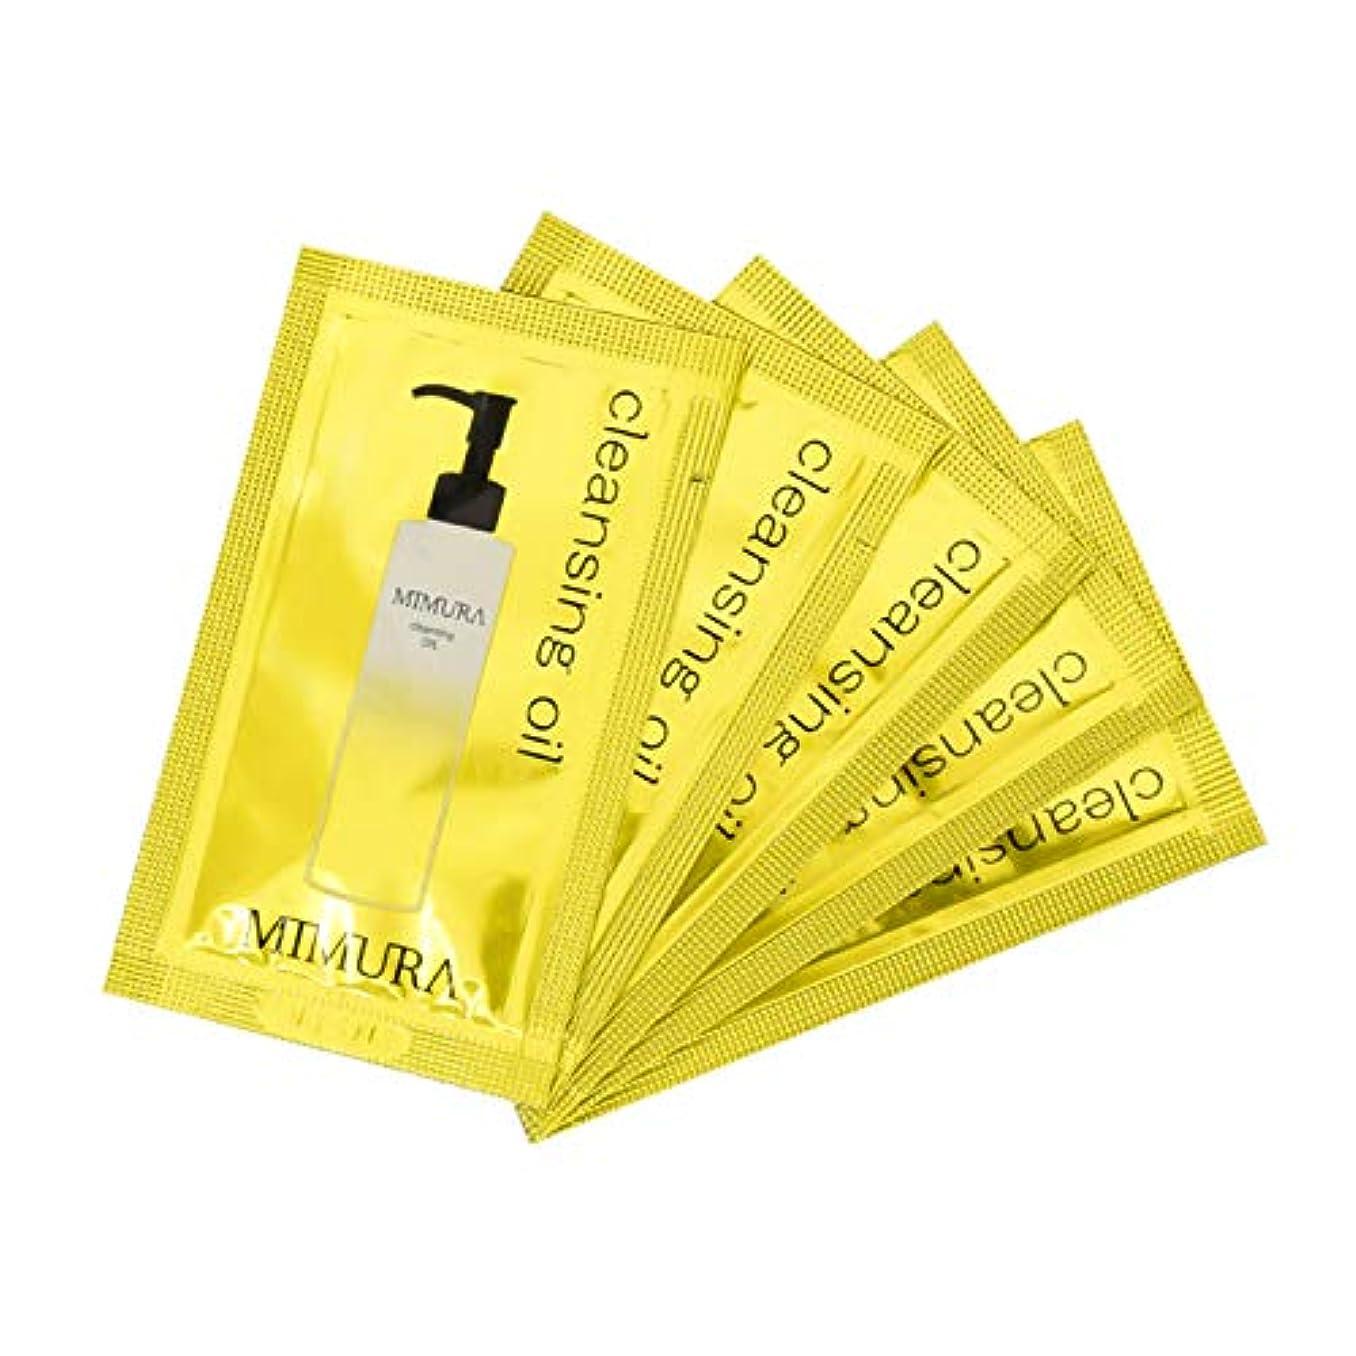 れんがひばりコンピューターゲームをプレイするクレンジングオイル マツエク ok w洗顔不要 毛穴 メイク落とし ミムラ 試供品 5個入り ゆうパケット(ポスト投函)での発送となります。 MIMURA 日本製 ※おひとり様1点、1回限りとなります。